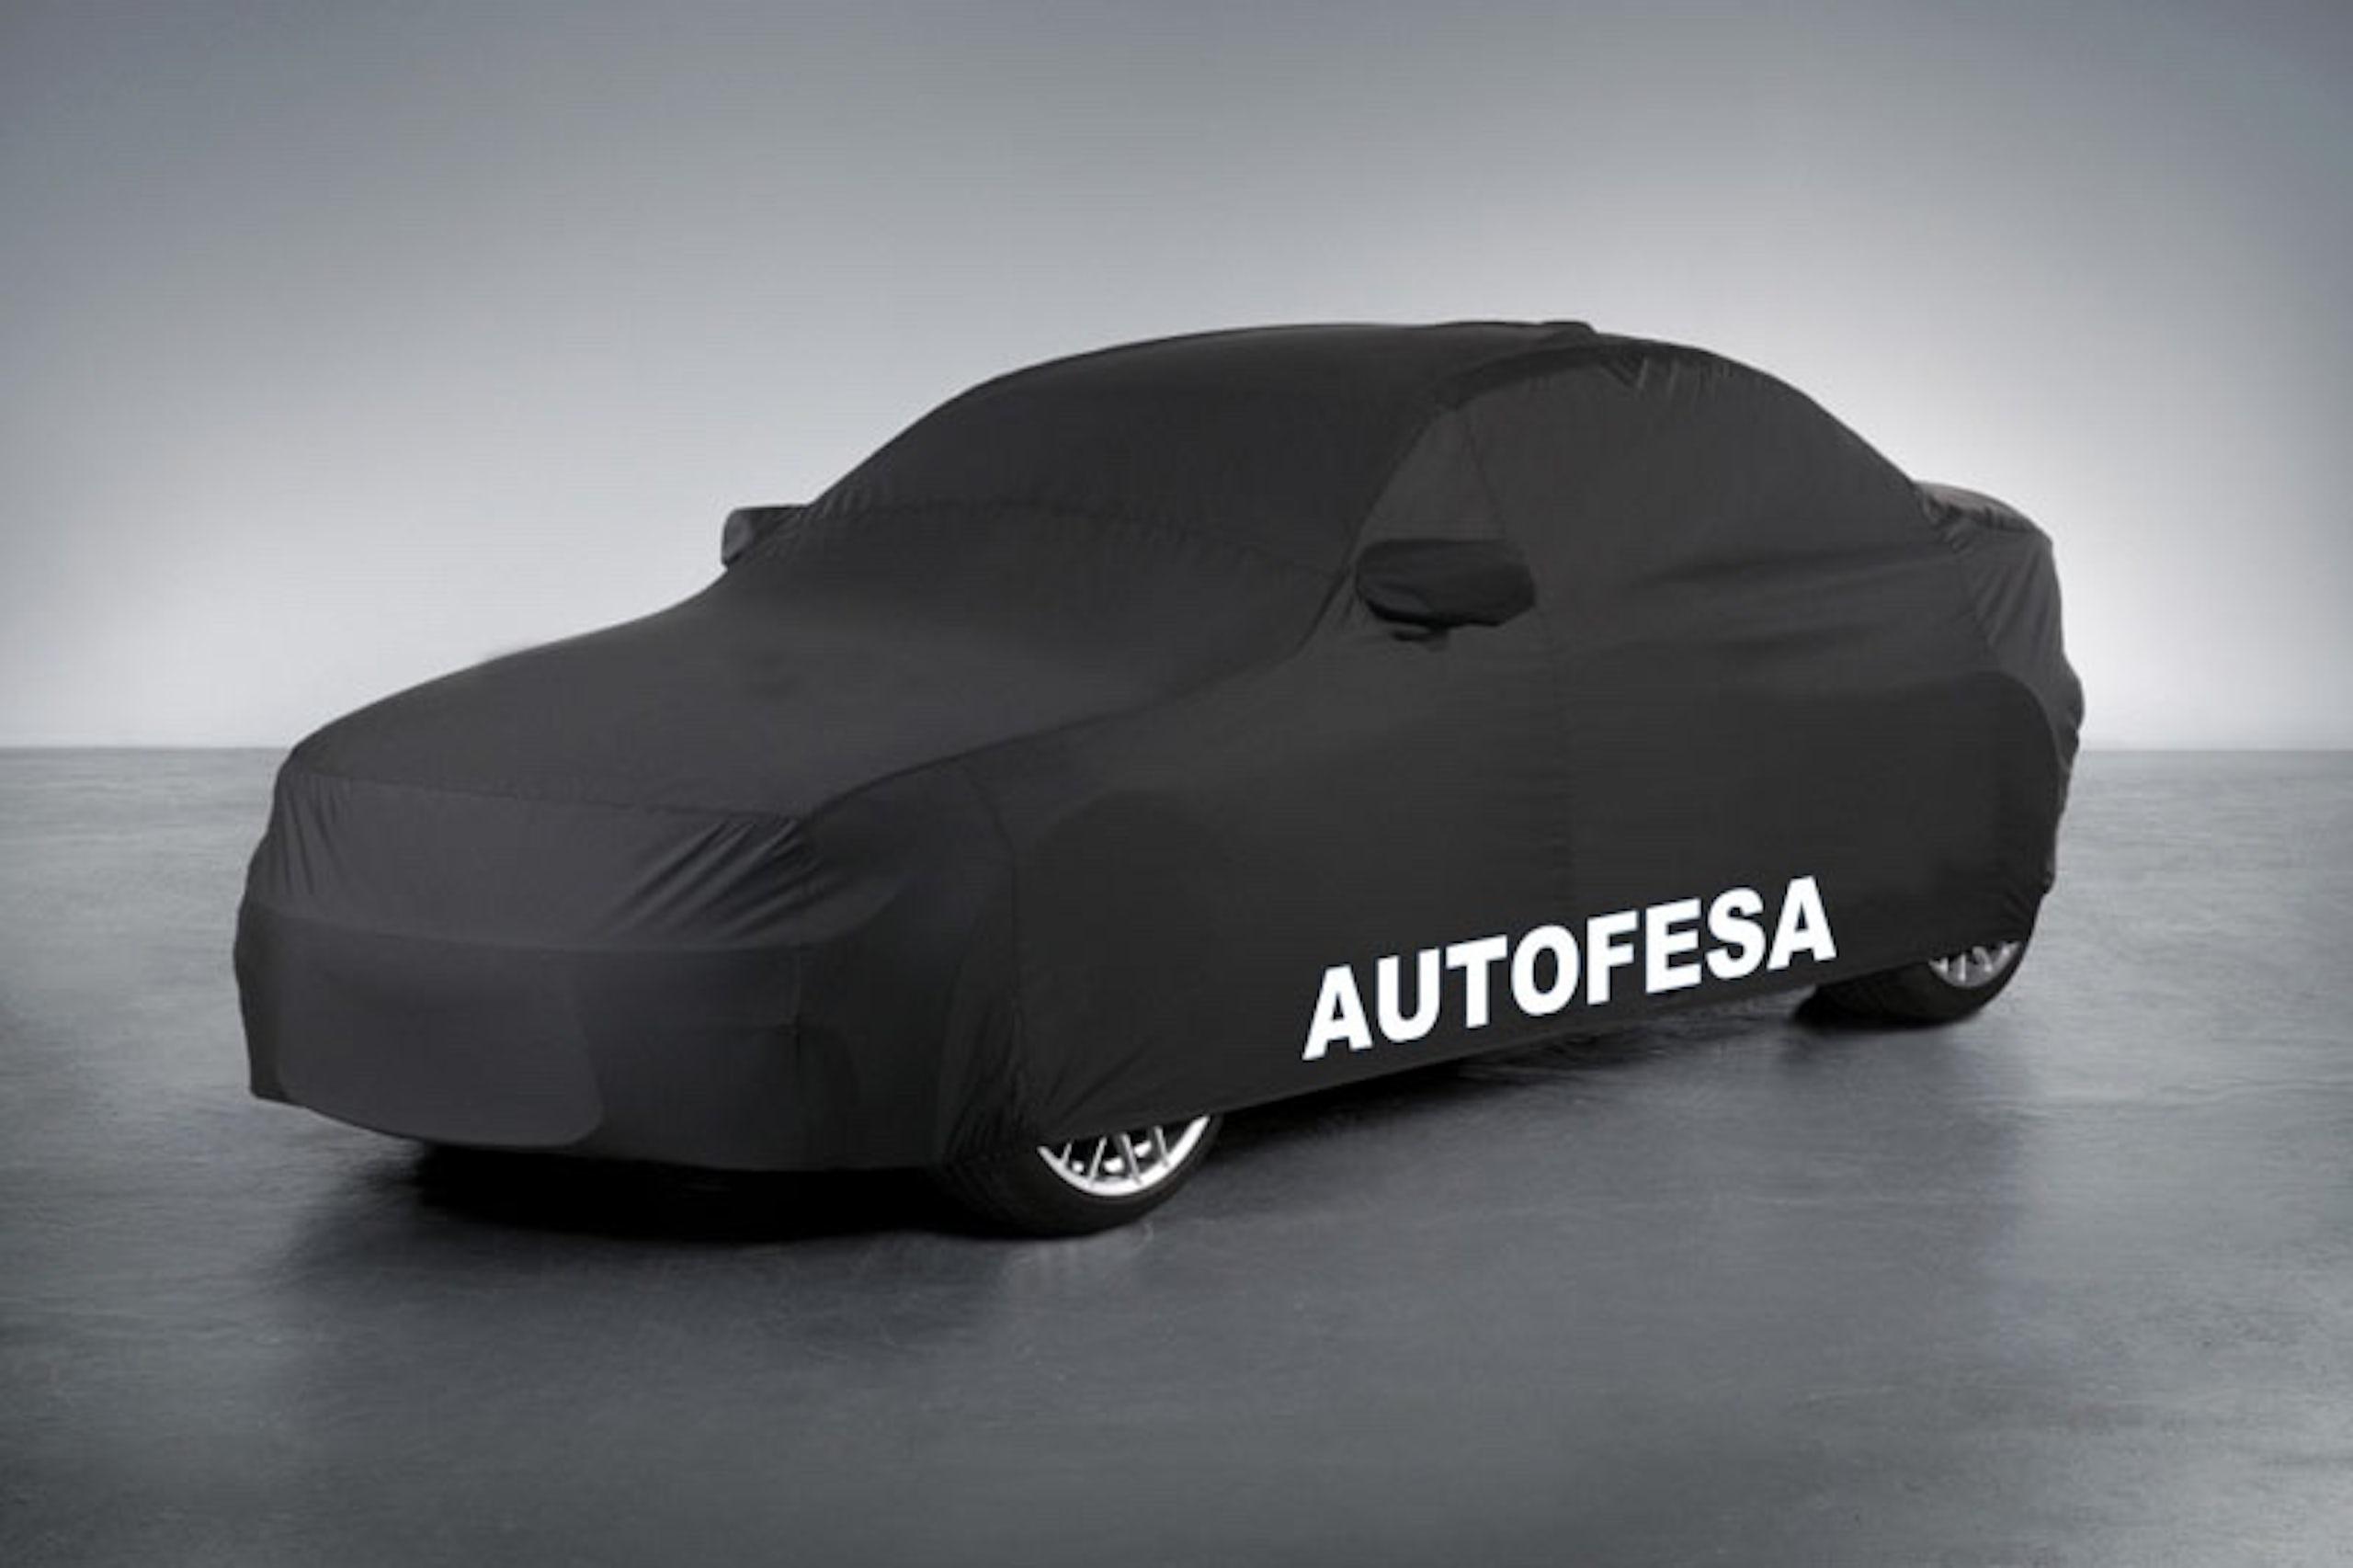 Audi A4 Avant 2.0 TDI 190cv quattro 5p S tronic Auto S/S - Foto 29